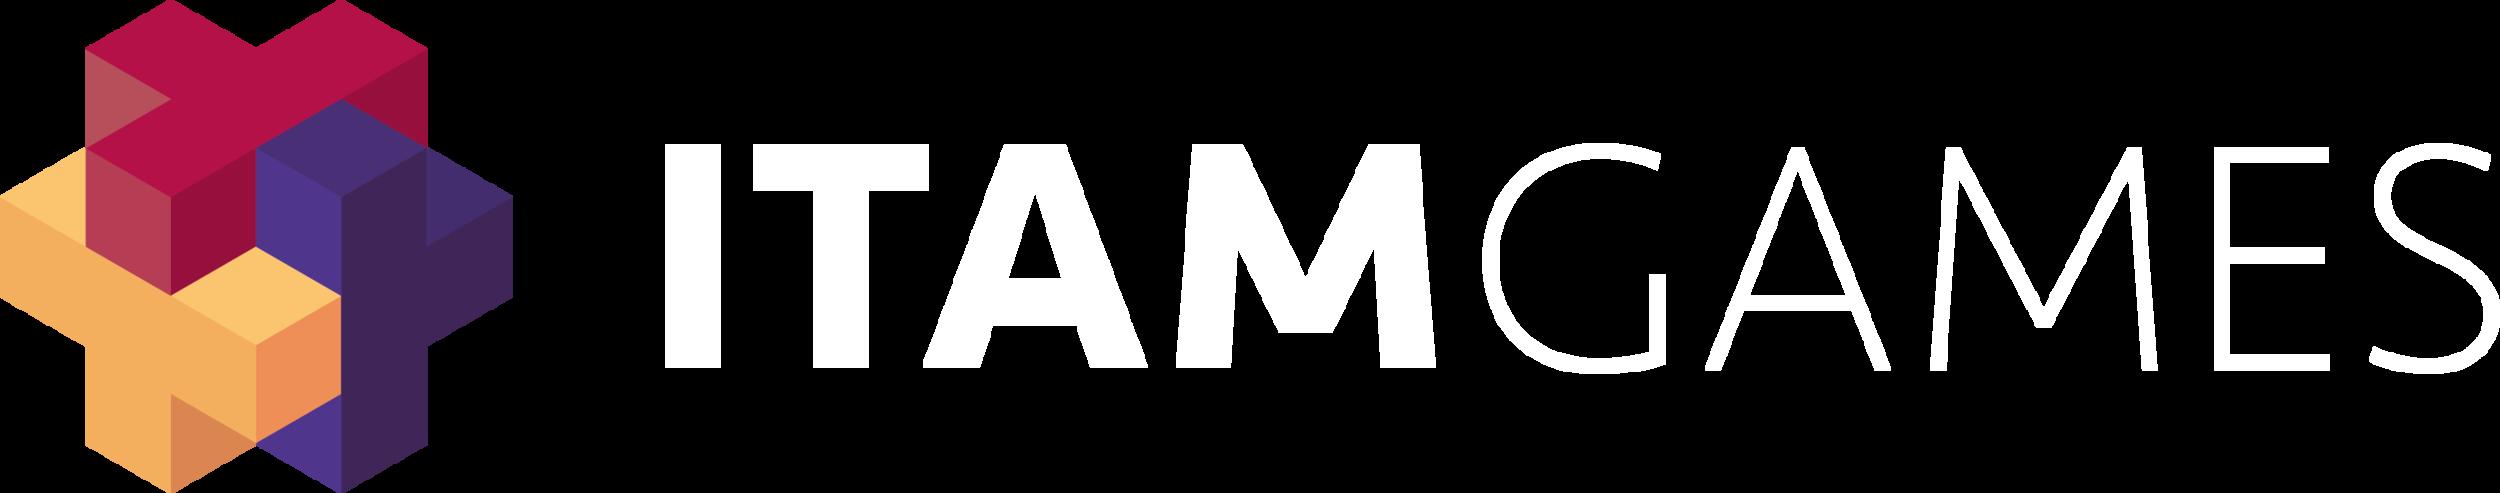 ITAM_Games_white_logo.png